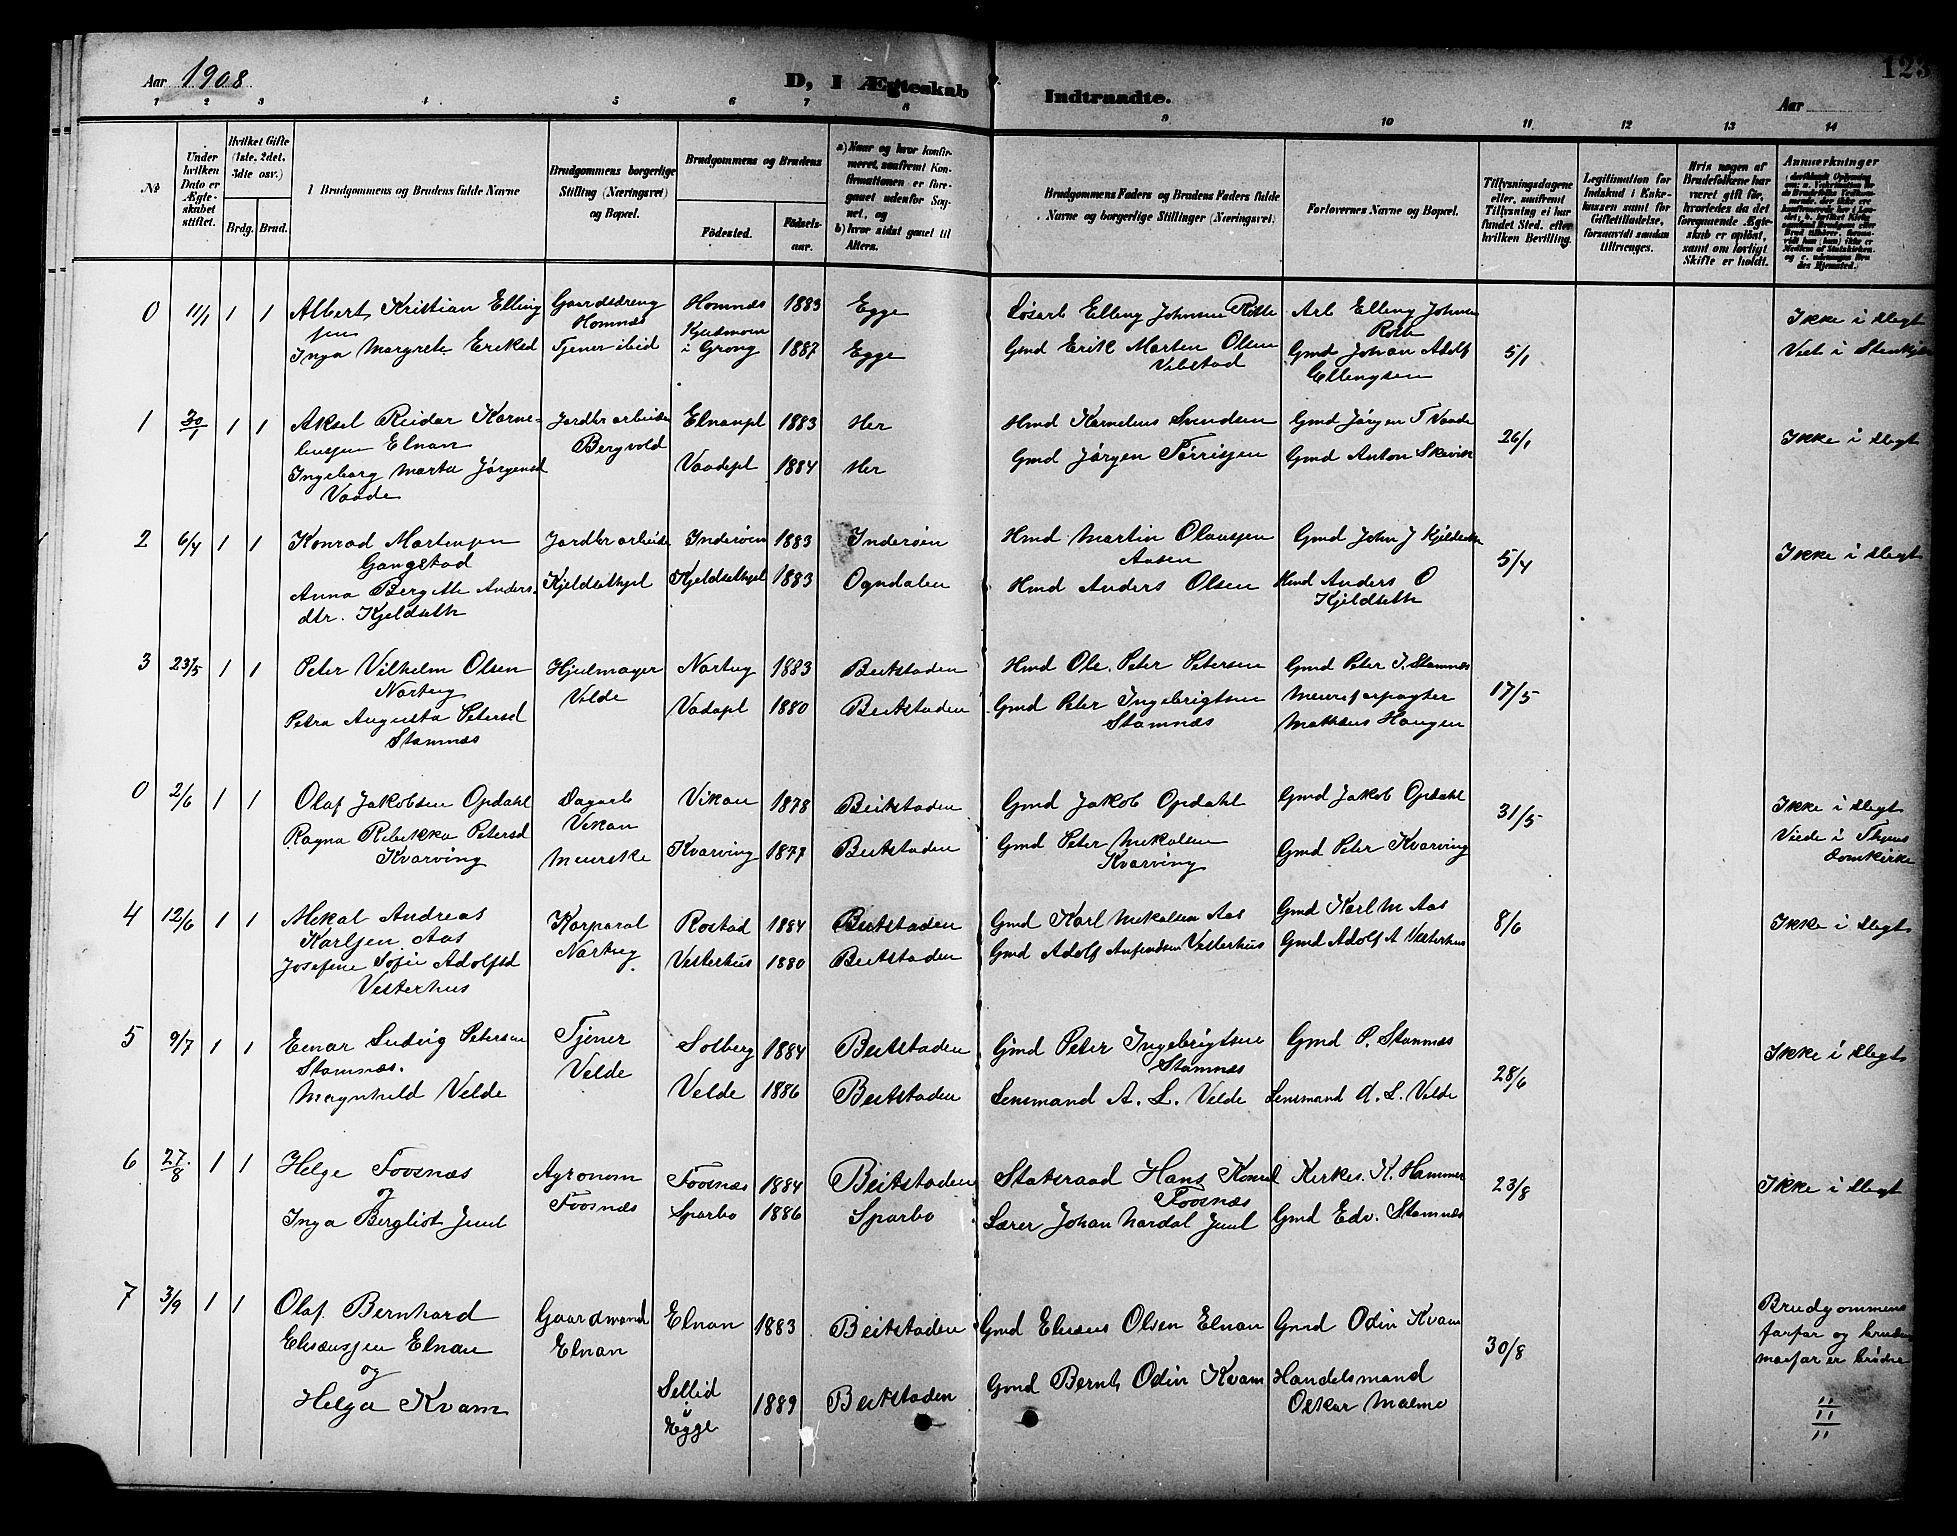 SAT, Ministerialprotokoller, klokkerbøker og fødselsregistre - Nord-Trøndelag, 741/L0401: Klokkerbok nr. 741C02, 1899-1911, s. 123